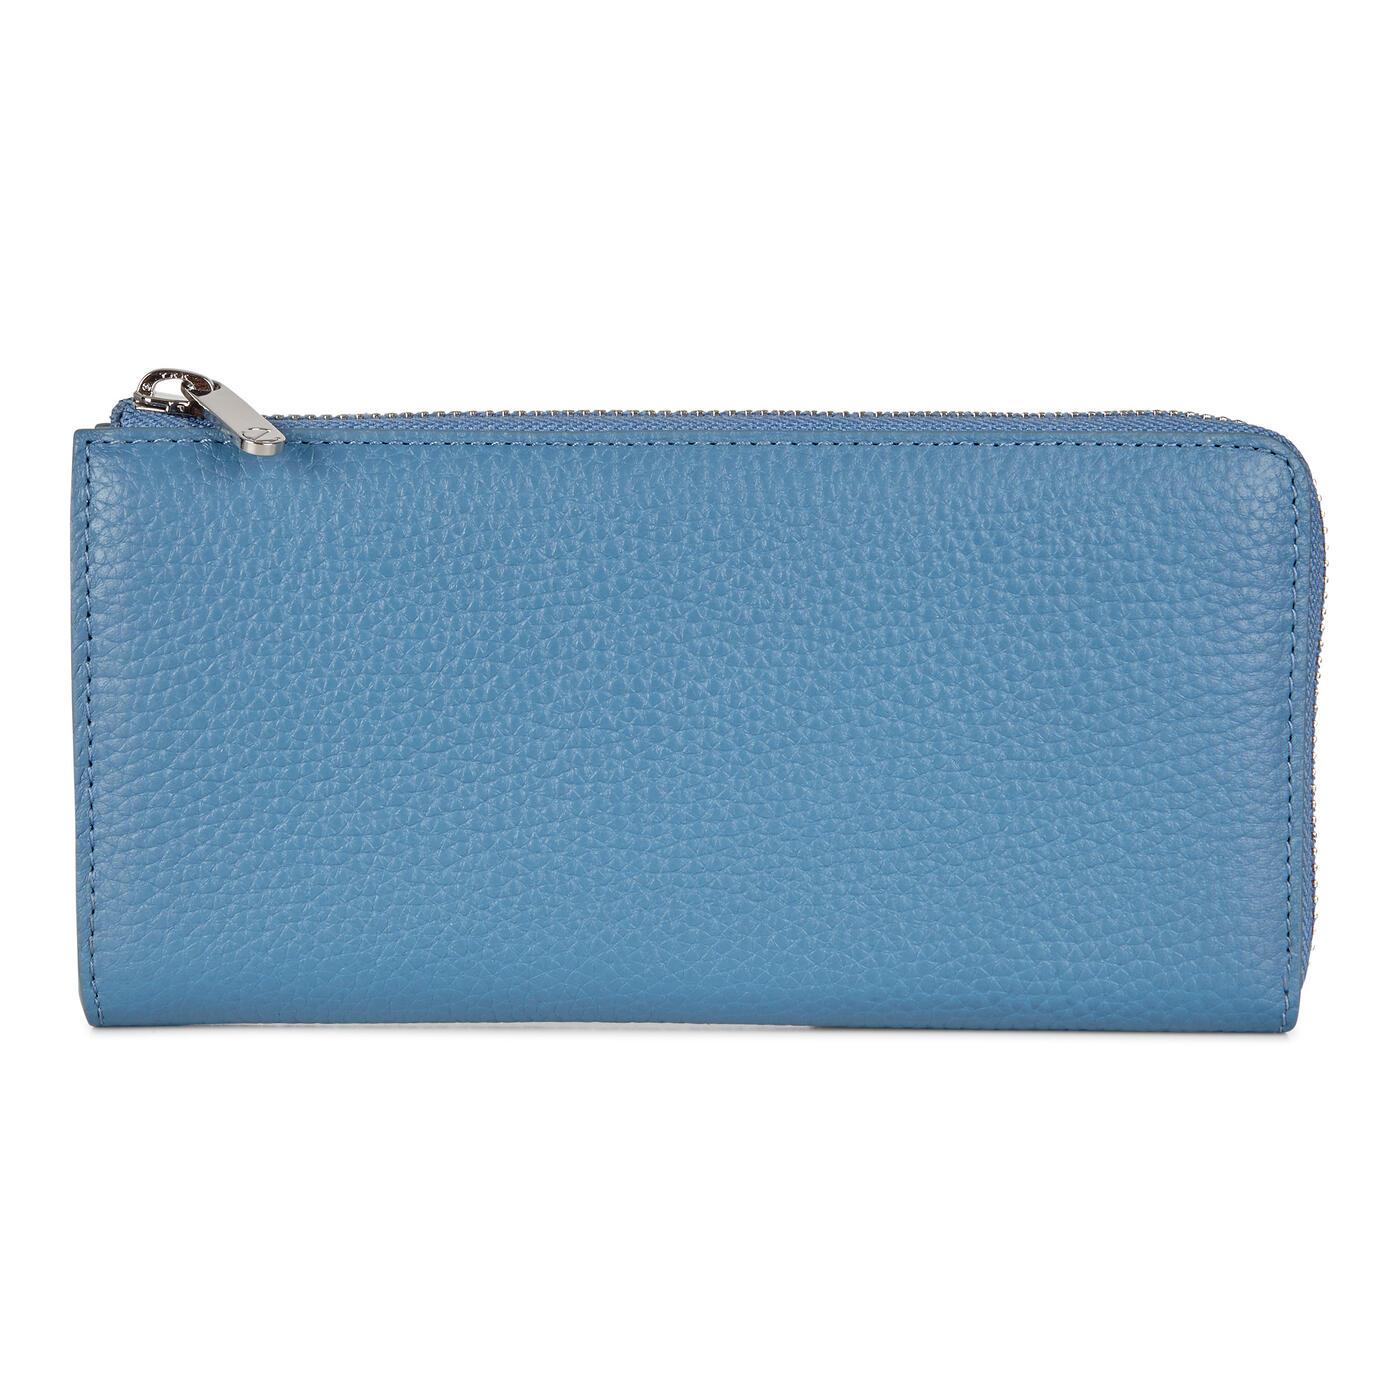 ECCO SP3 Zip Around Wallet